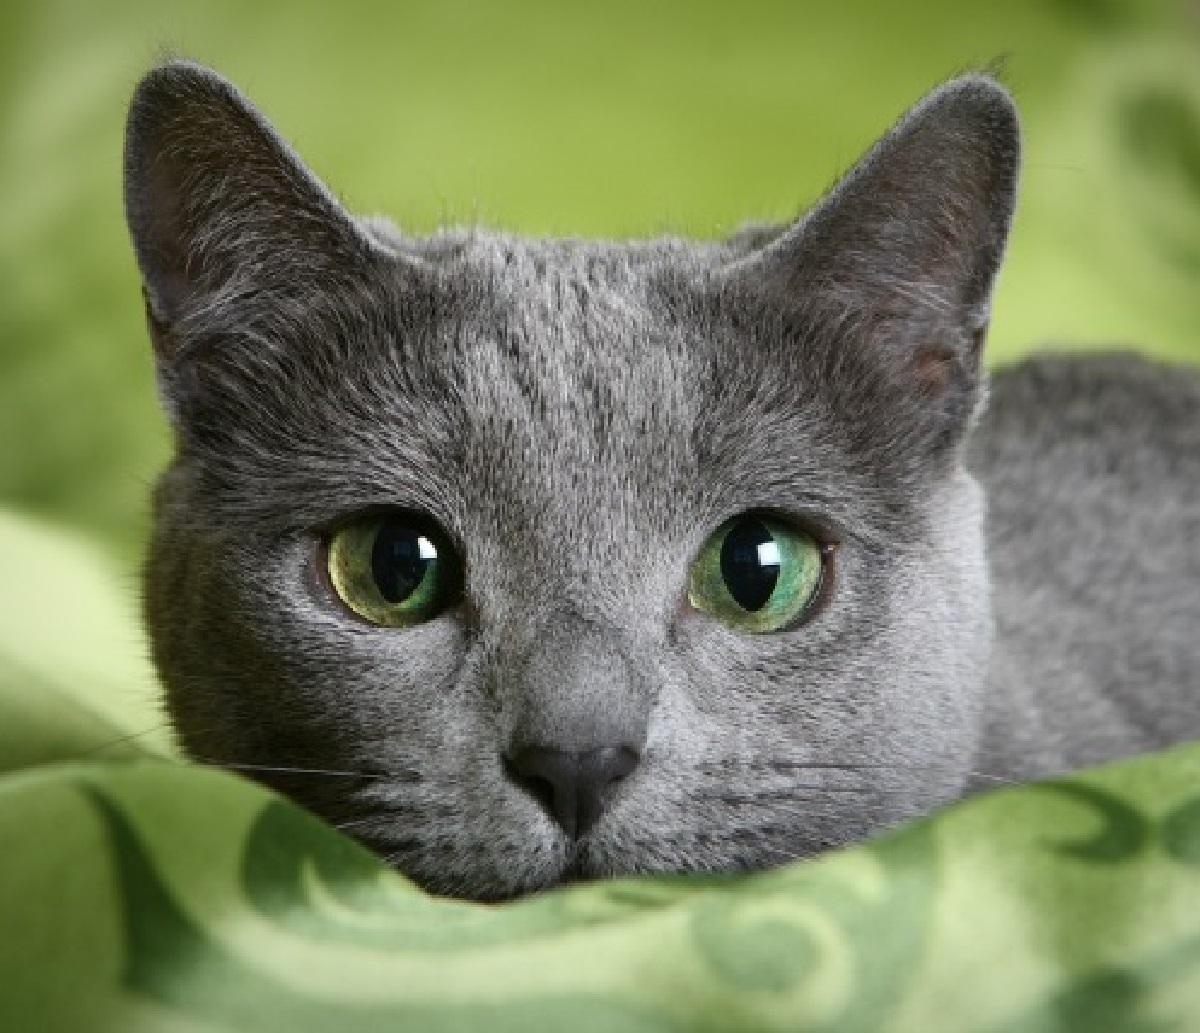 razza gatto colorazione occhi